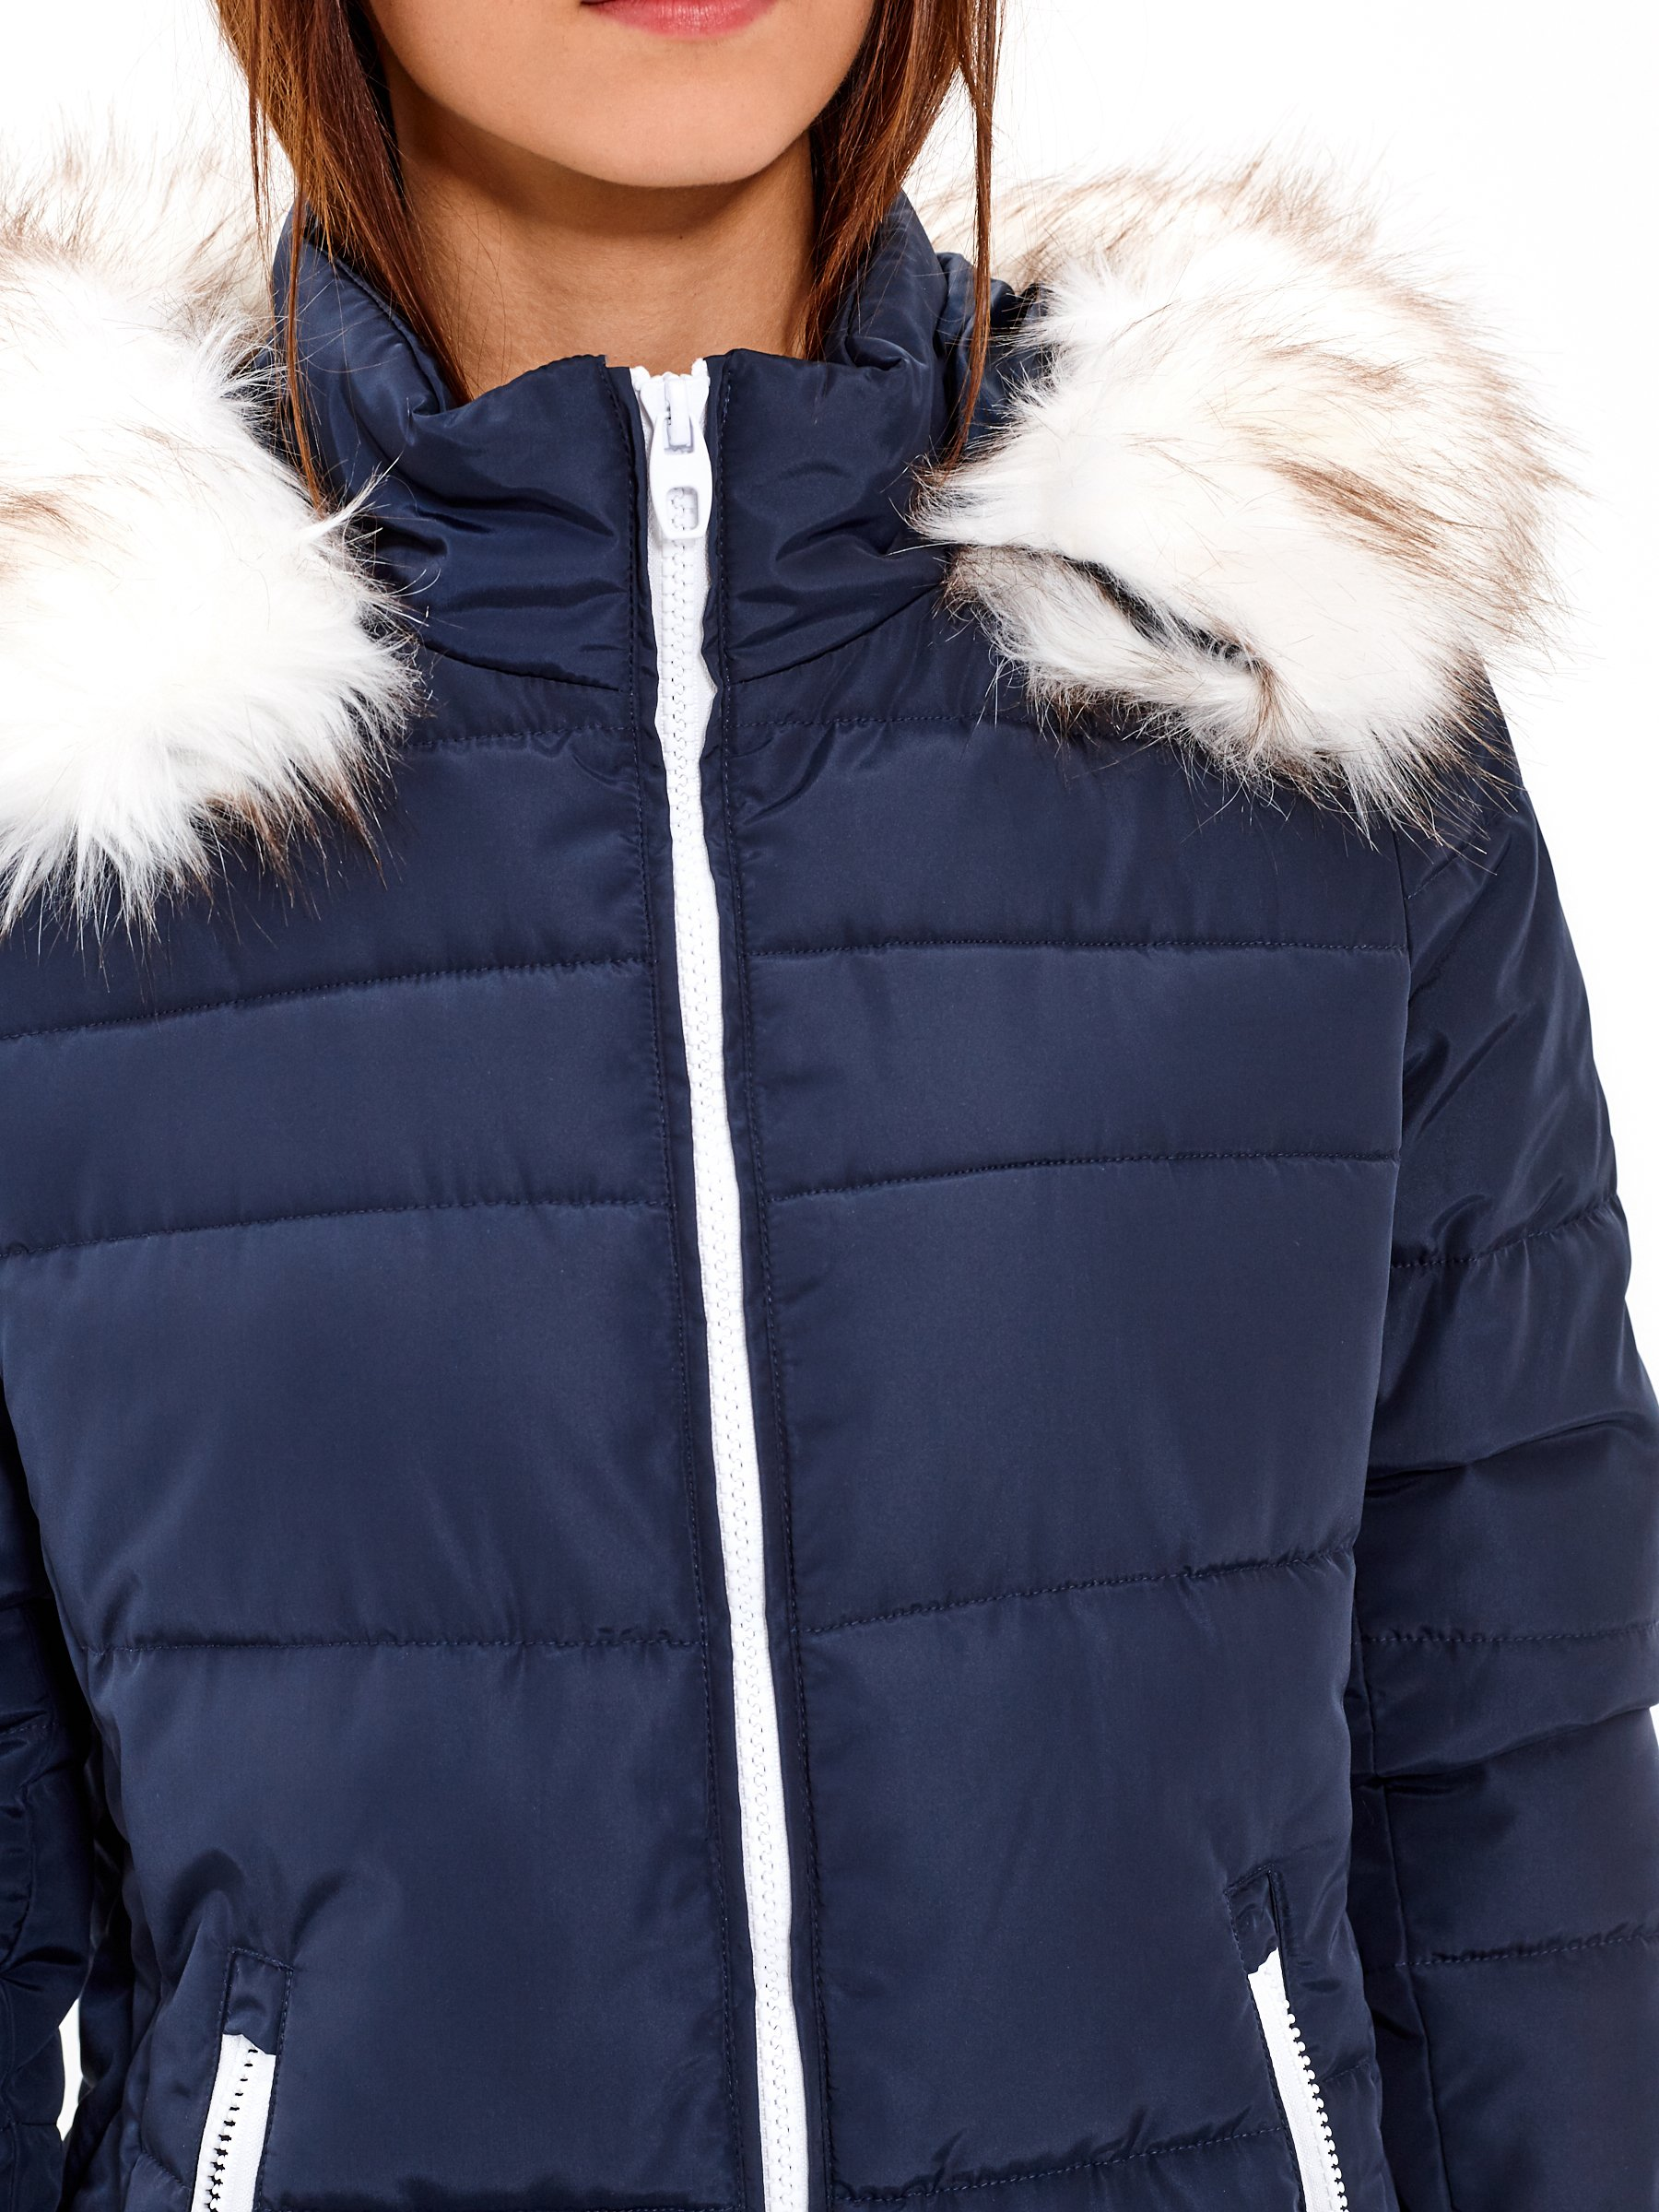 Dlhá prešívaná vatovaná bunda s kapucňou  857d6eec09d